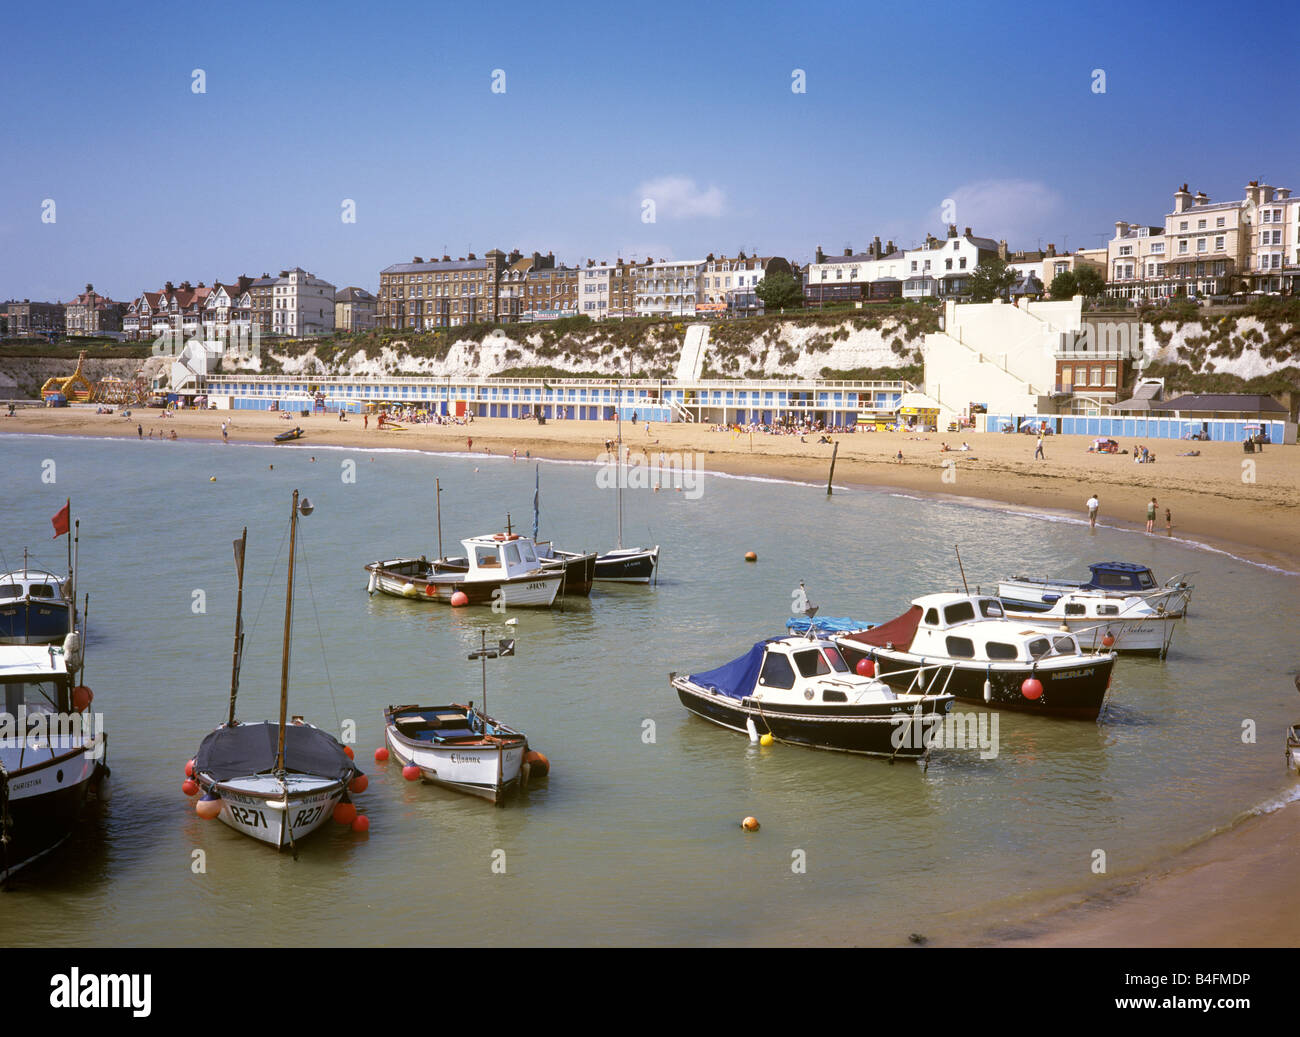 UK England Kent Broadstairs Viking Bay - Stock Image